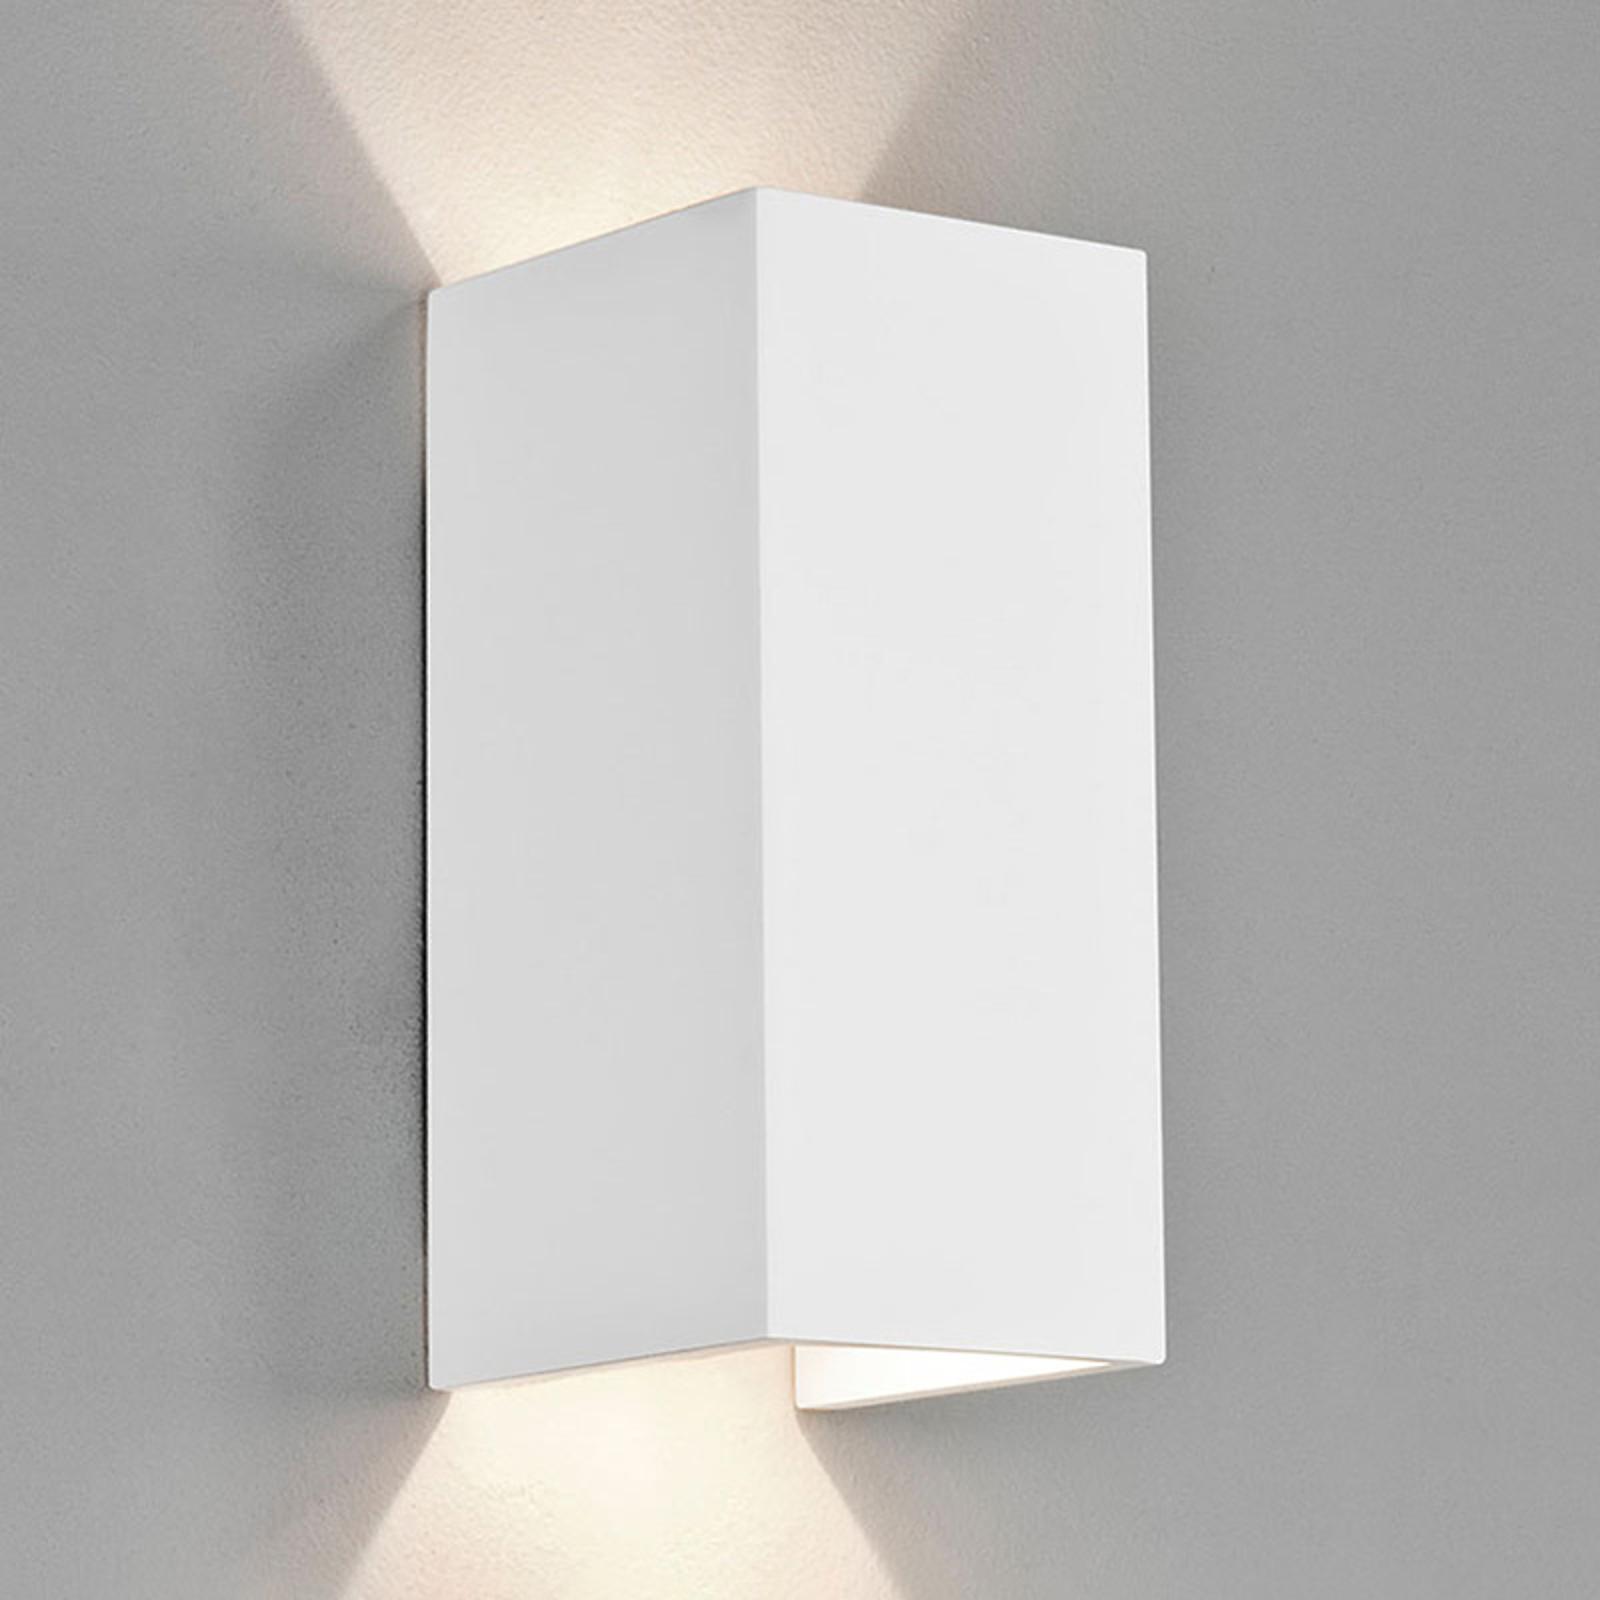 Astro Parma 210 -LED-seinävalaisin kipsiä, 2700K